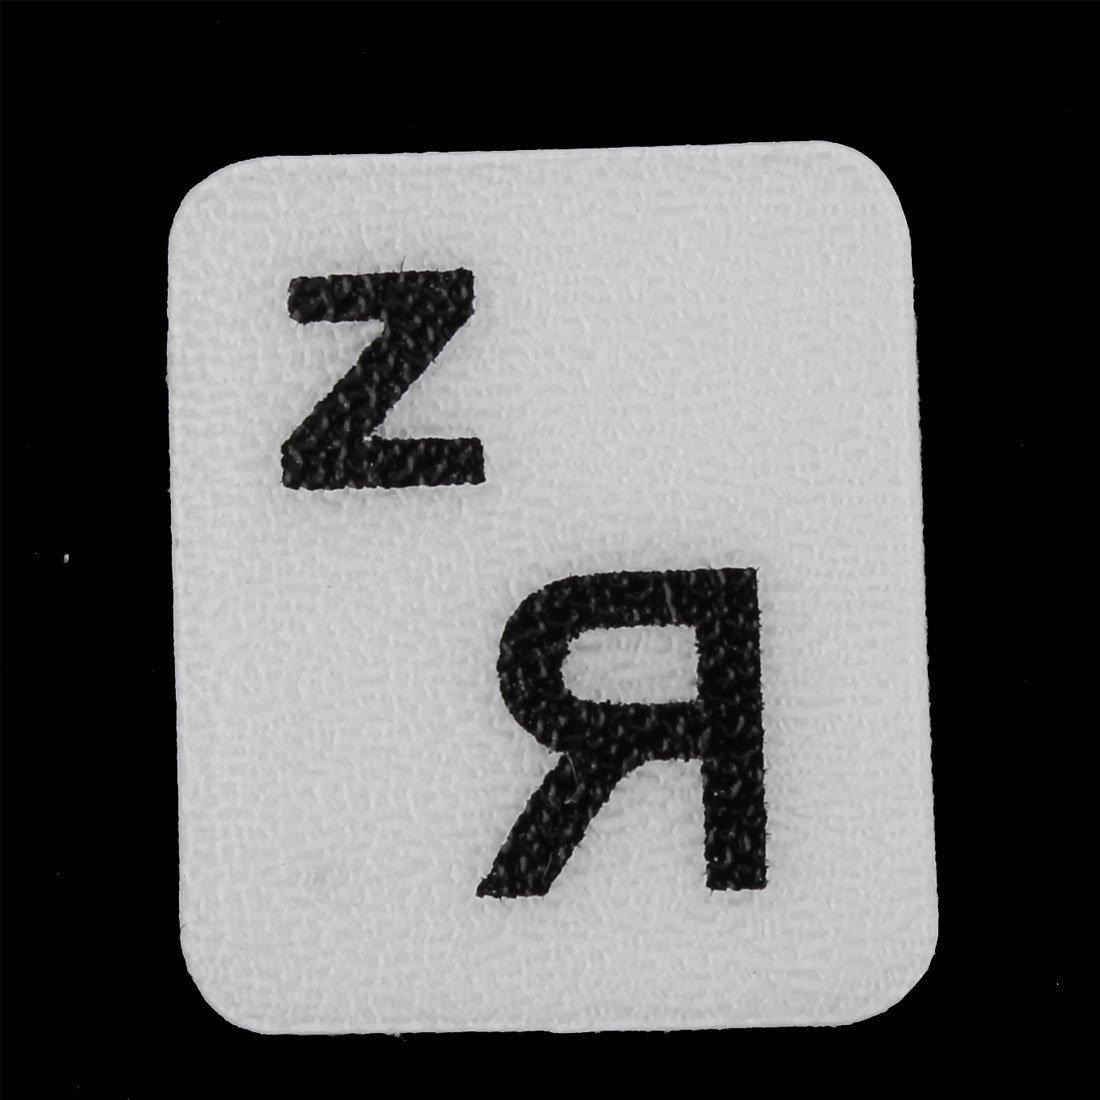 Amazon.com: eDealMax computadora de escritorio del ordenador portátil de la lengua rusa del teclado de la etiqueta del Protector Fondo Grande de cartas ...